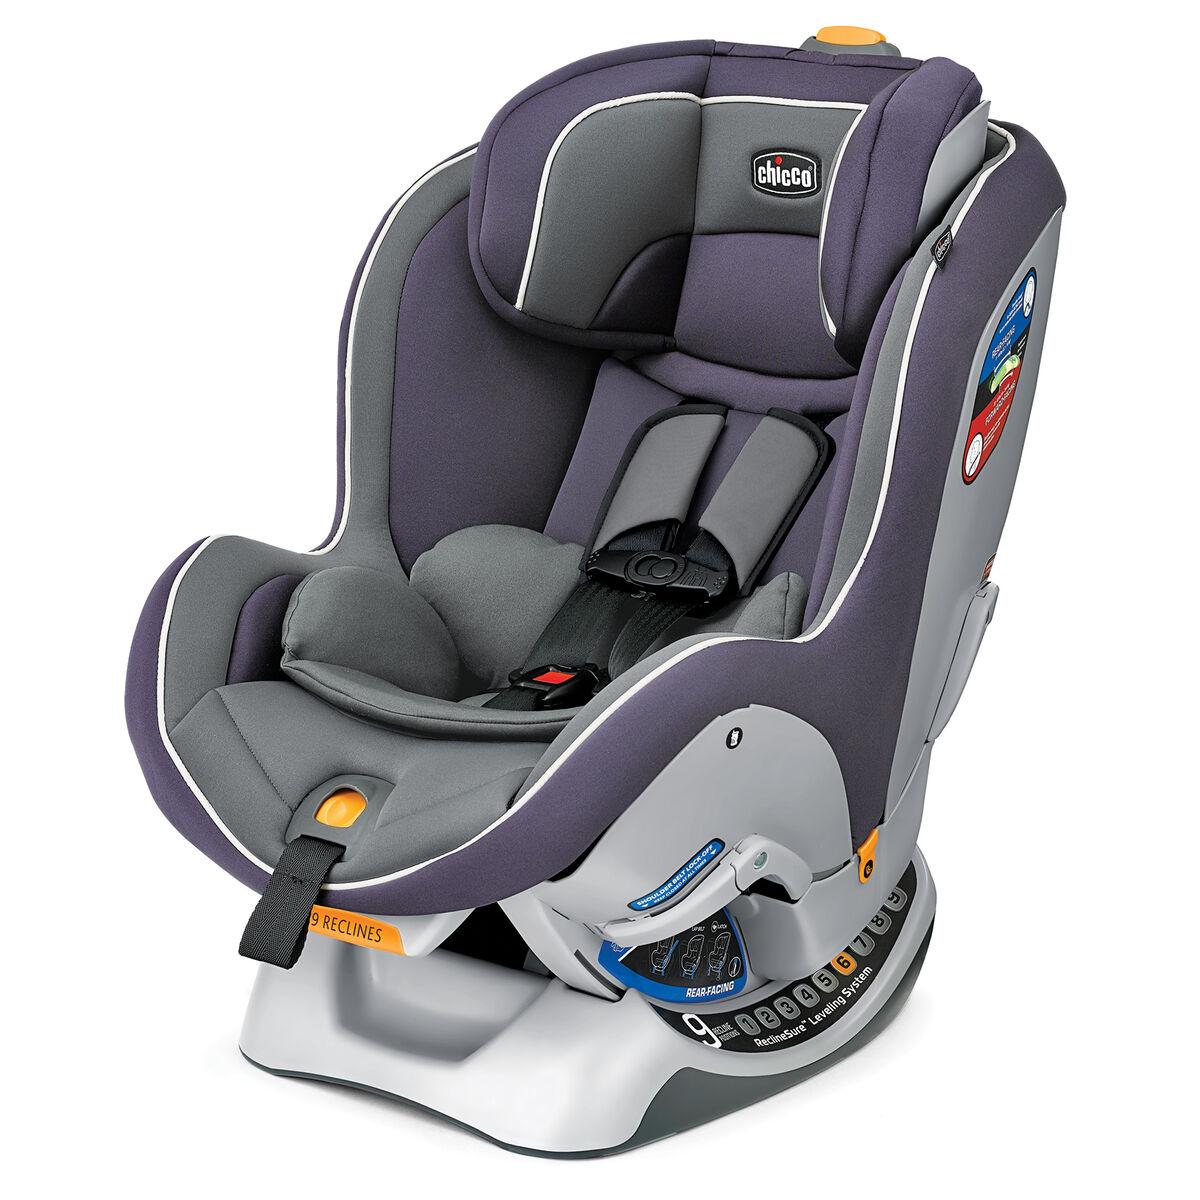 Nextfit convertible car seat gemininextfit convertible car seat gemini